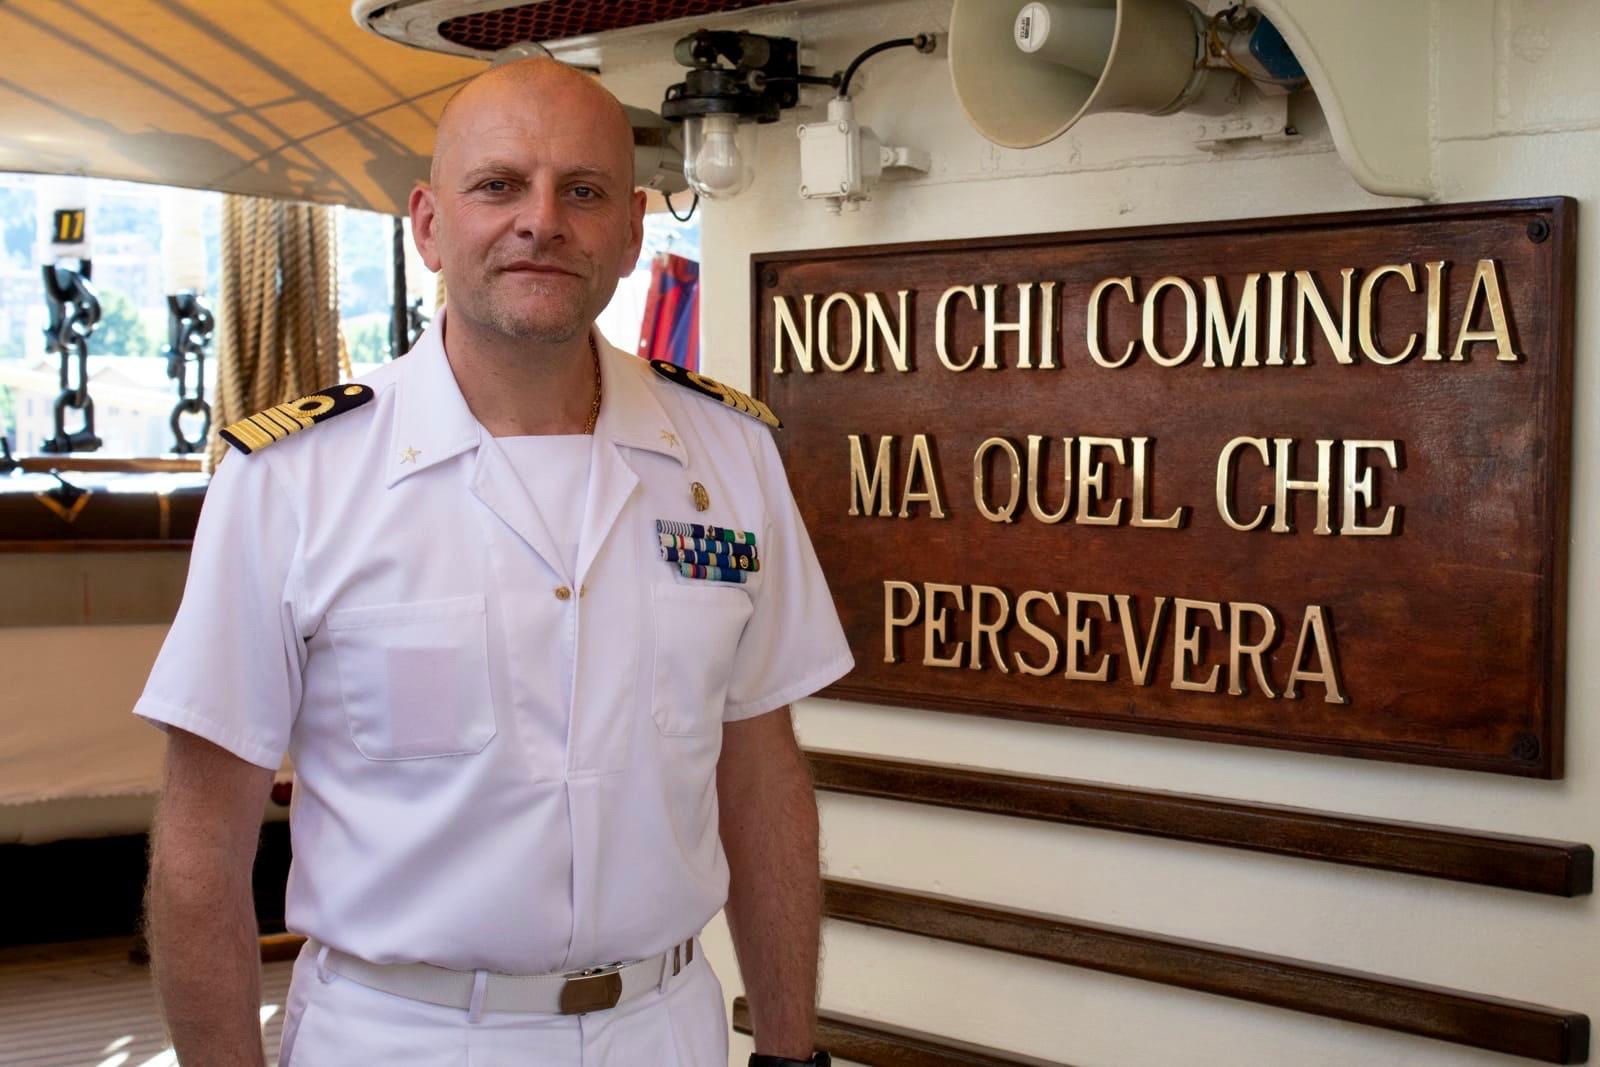 06cc0894721 ROBERTO RECCHIA, CAPITANO DI VASCELLO, È IL Comandante DELLA AMERIGO  Vespucci